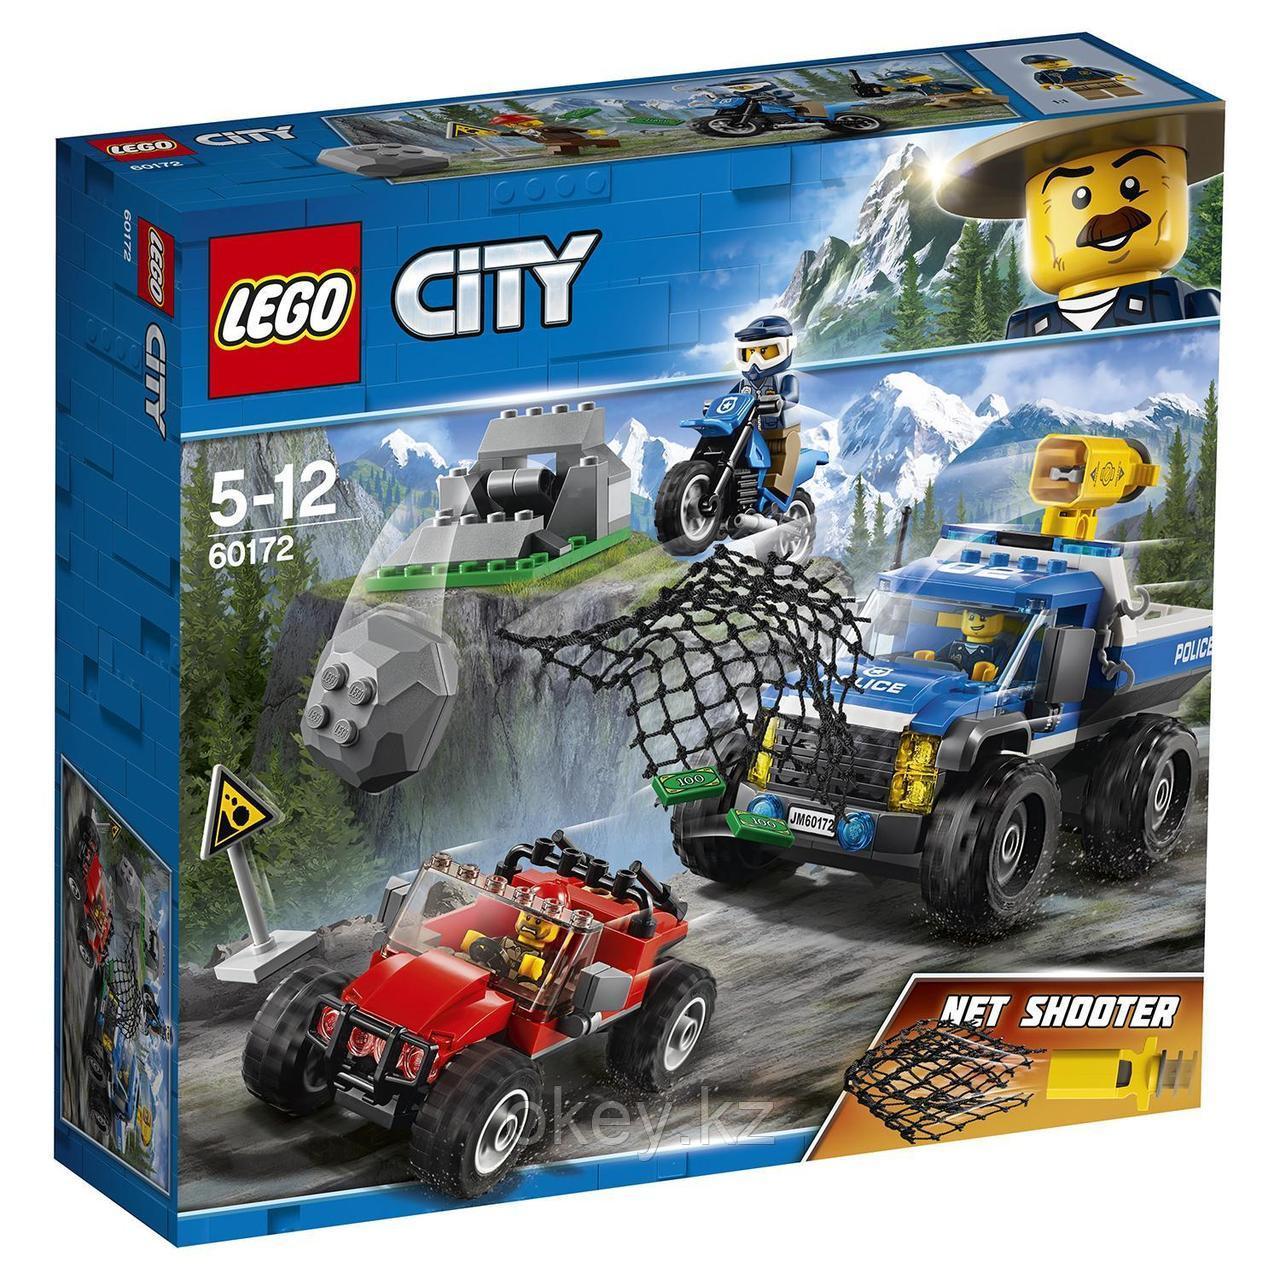 LEGO City: Погоня по грунтовой дороге 60172